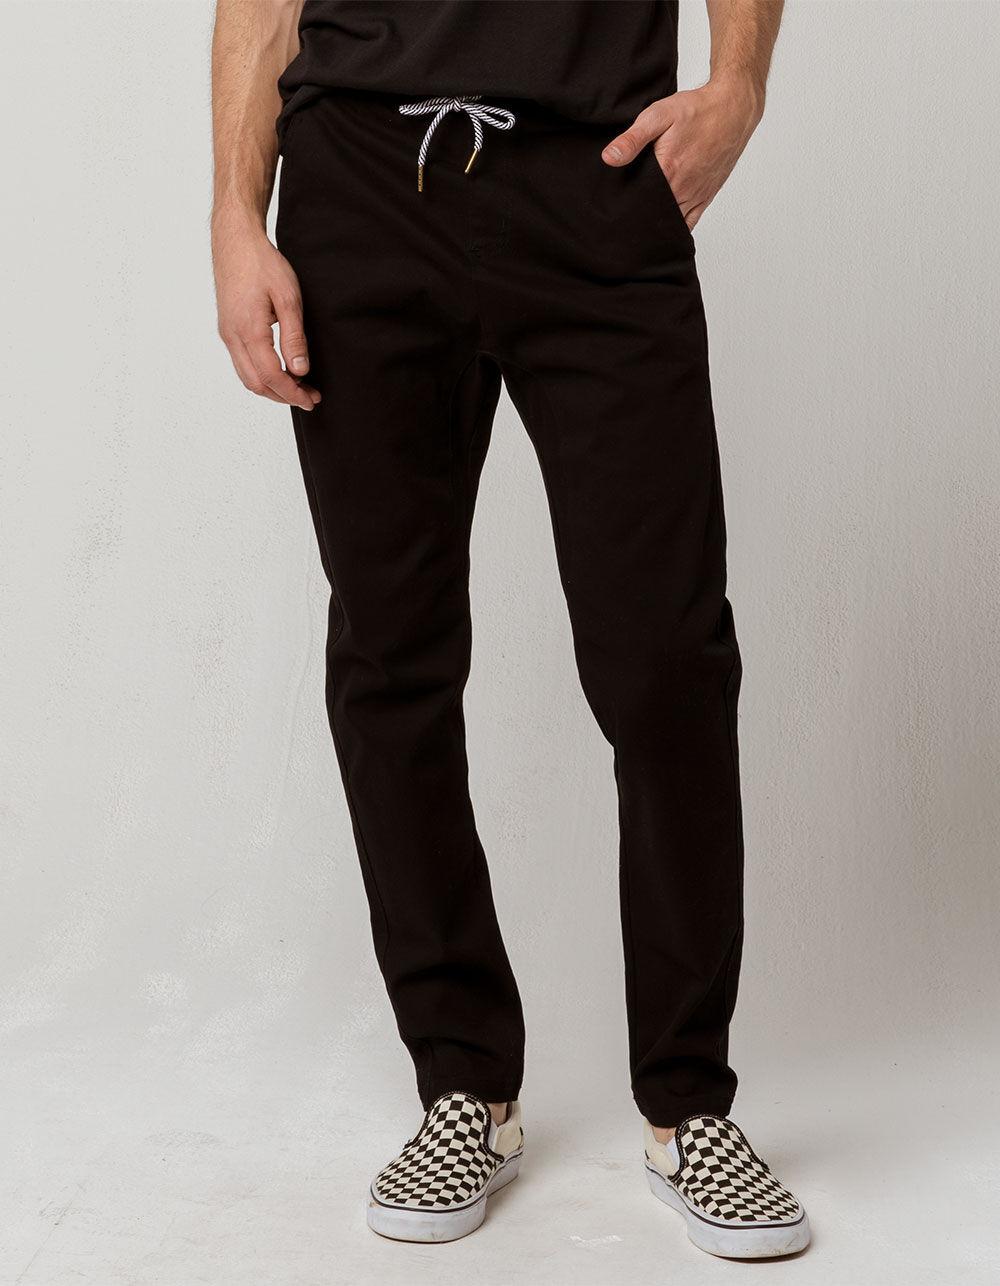 Image of CHARLES AND A HALF BLACK CHINO JOGGER PANTS